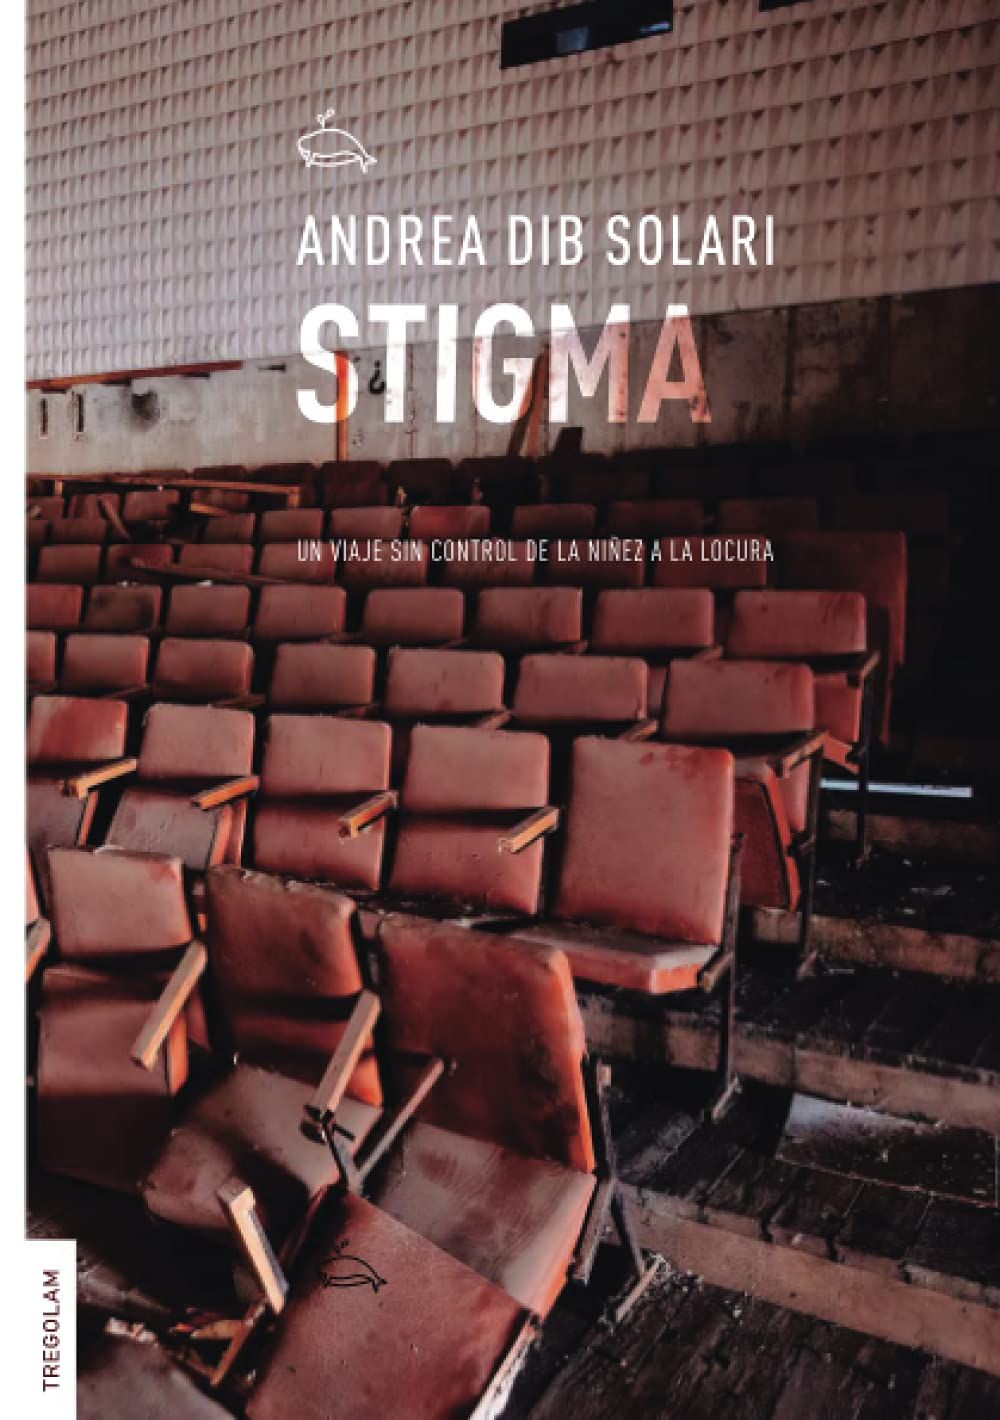 Stigma, de Andrea Dib Solari